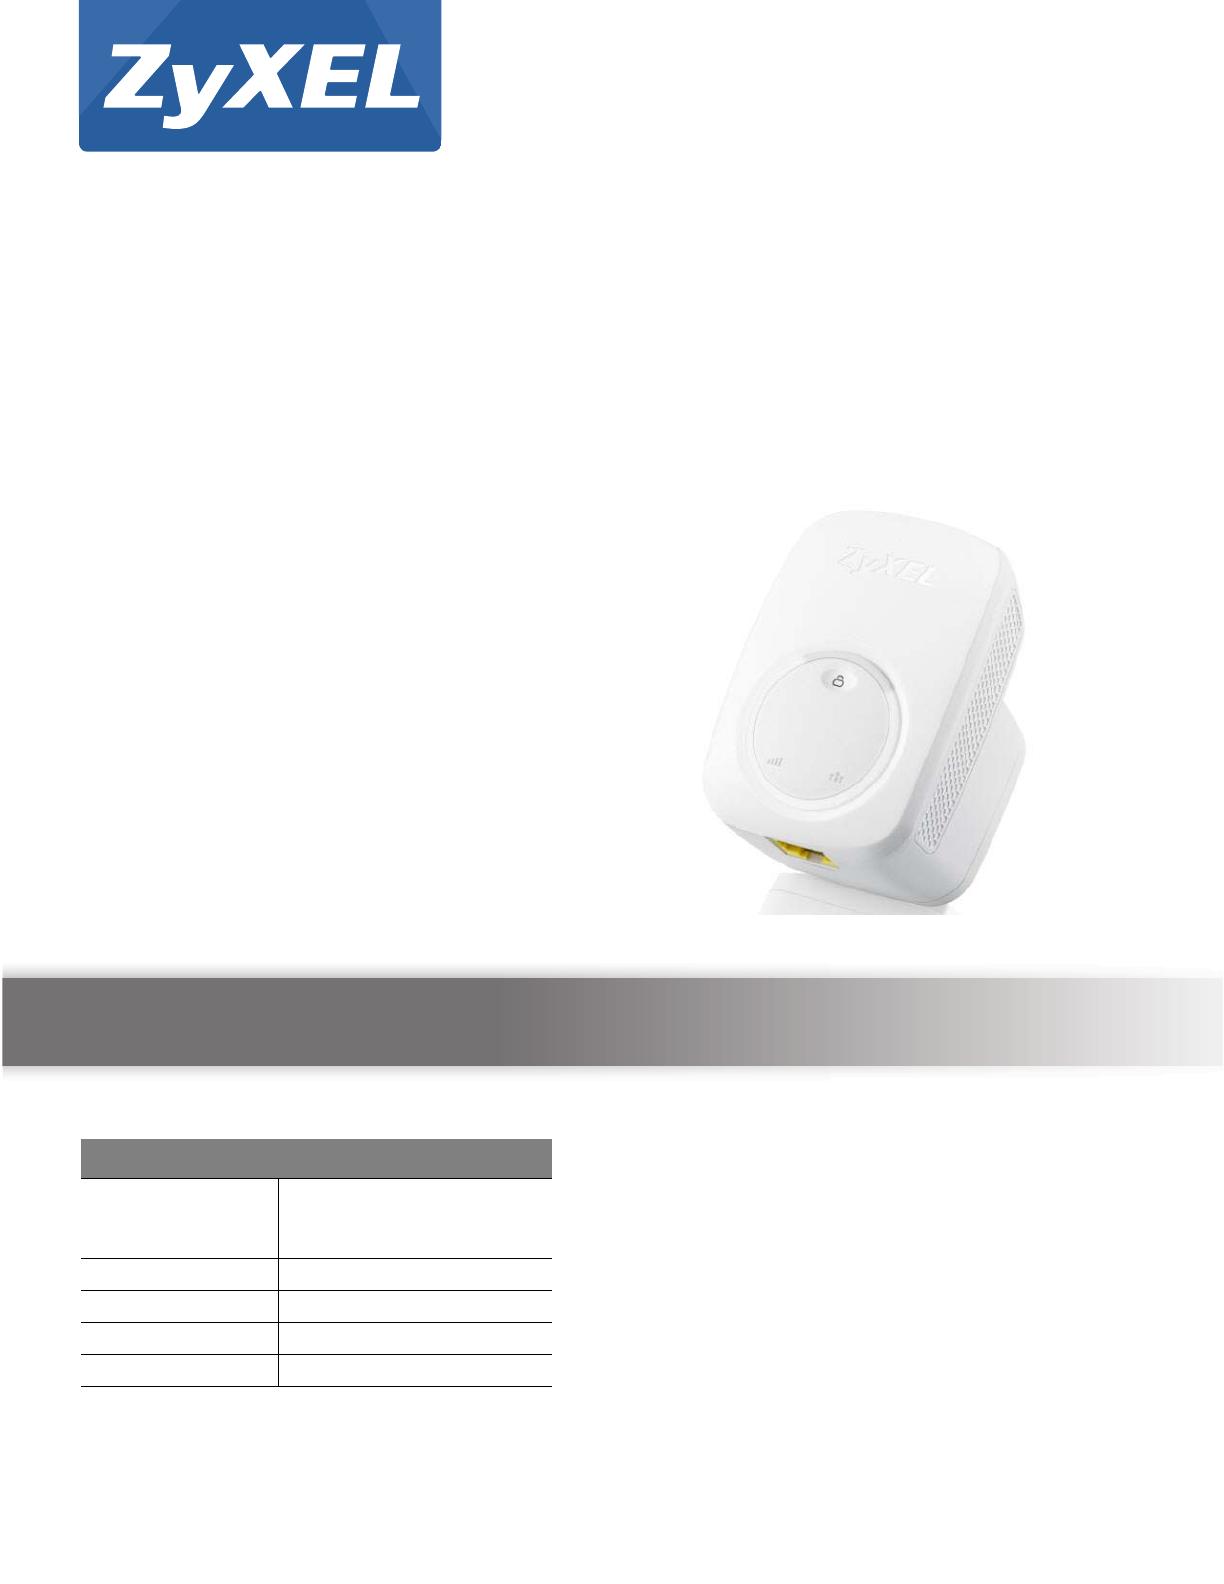 ZyXEL Communications WRE2206 Wireless N300 Range Extender